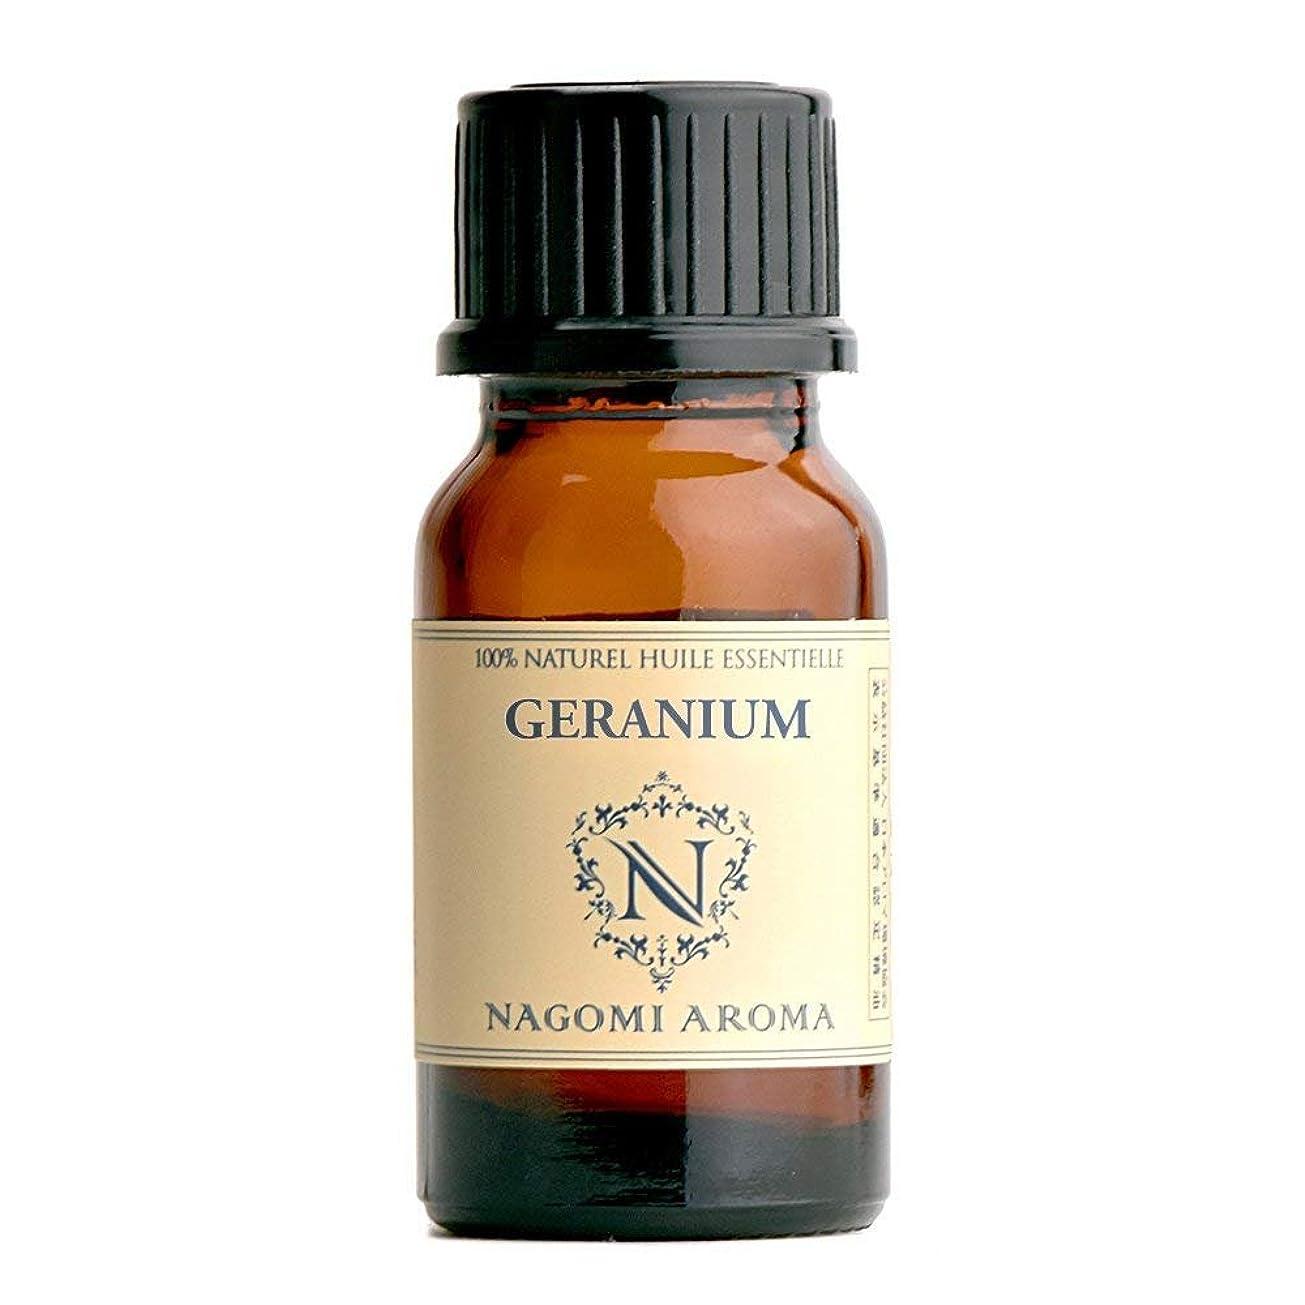 雨のオーストラリア商業のNAGOMI AROMA ゼラニウム?ブルボン 10ml